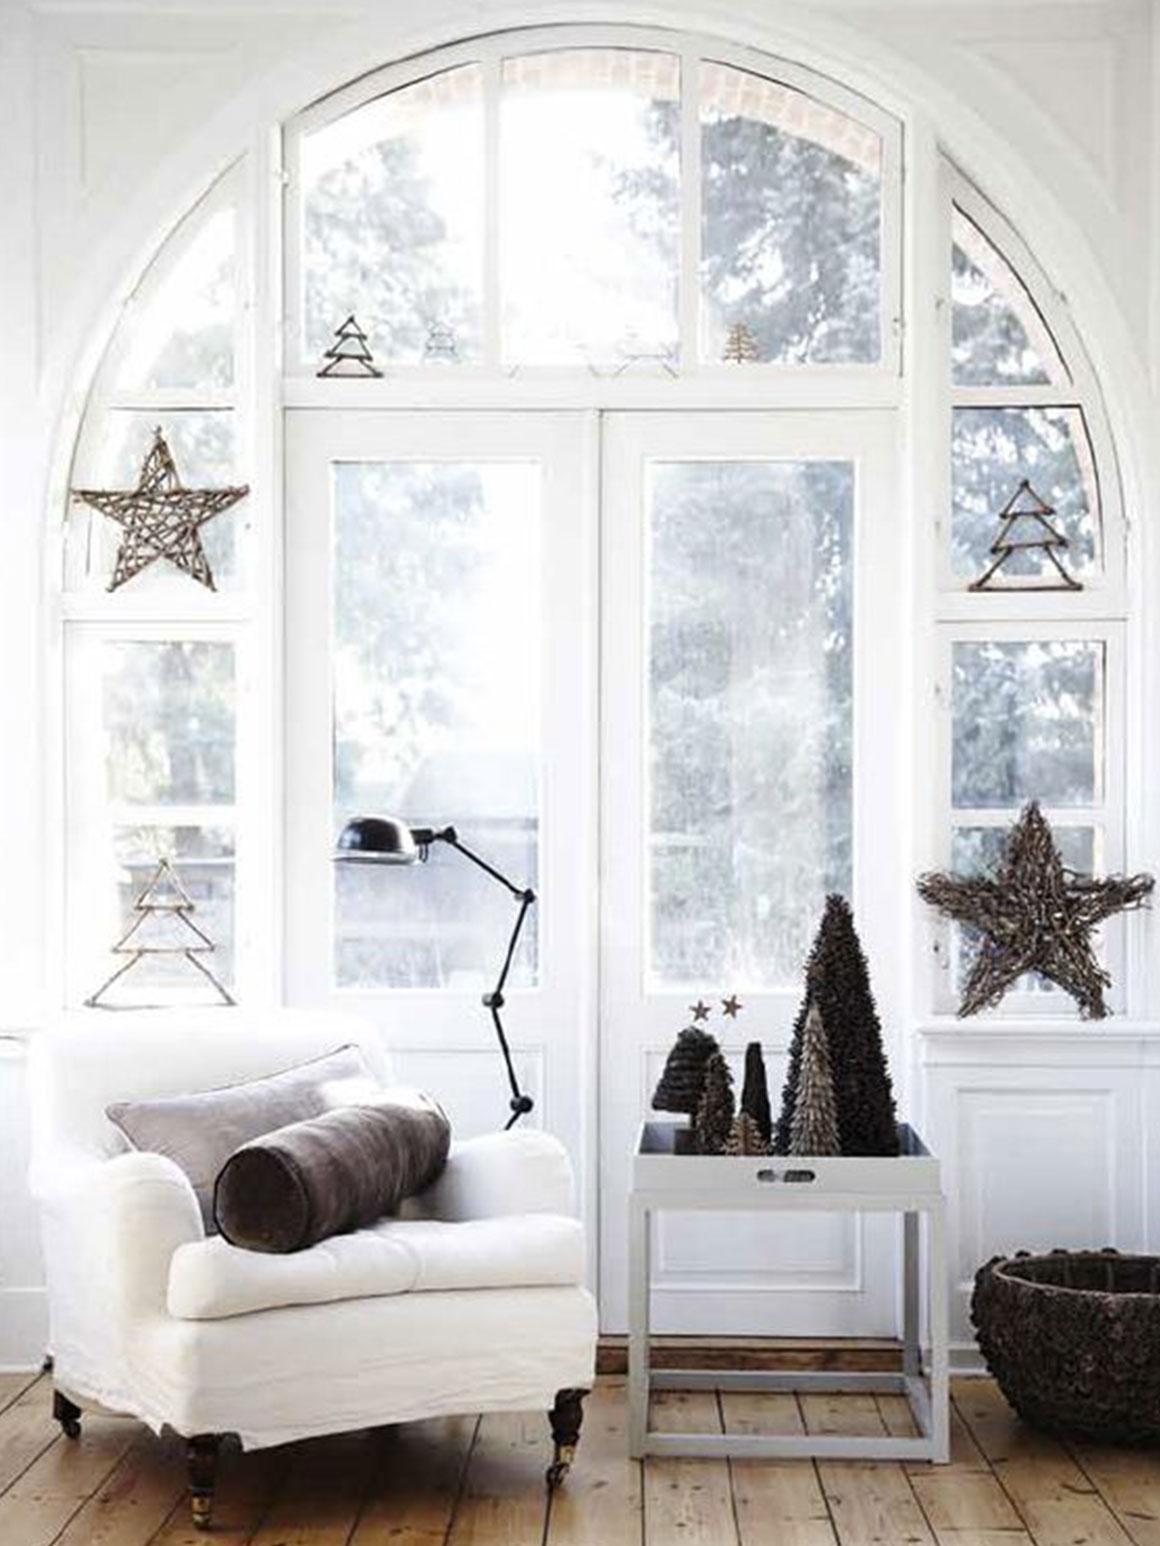 decoratie ideen voor kerst 2016